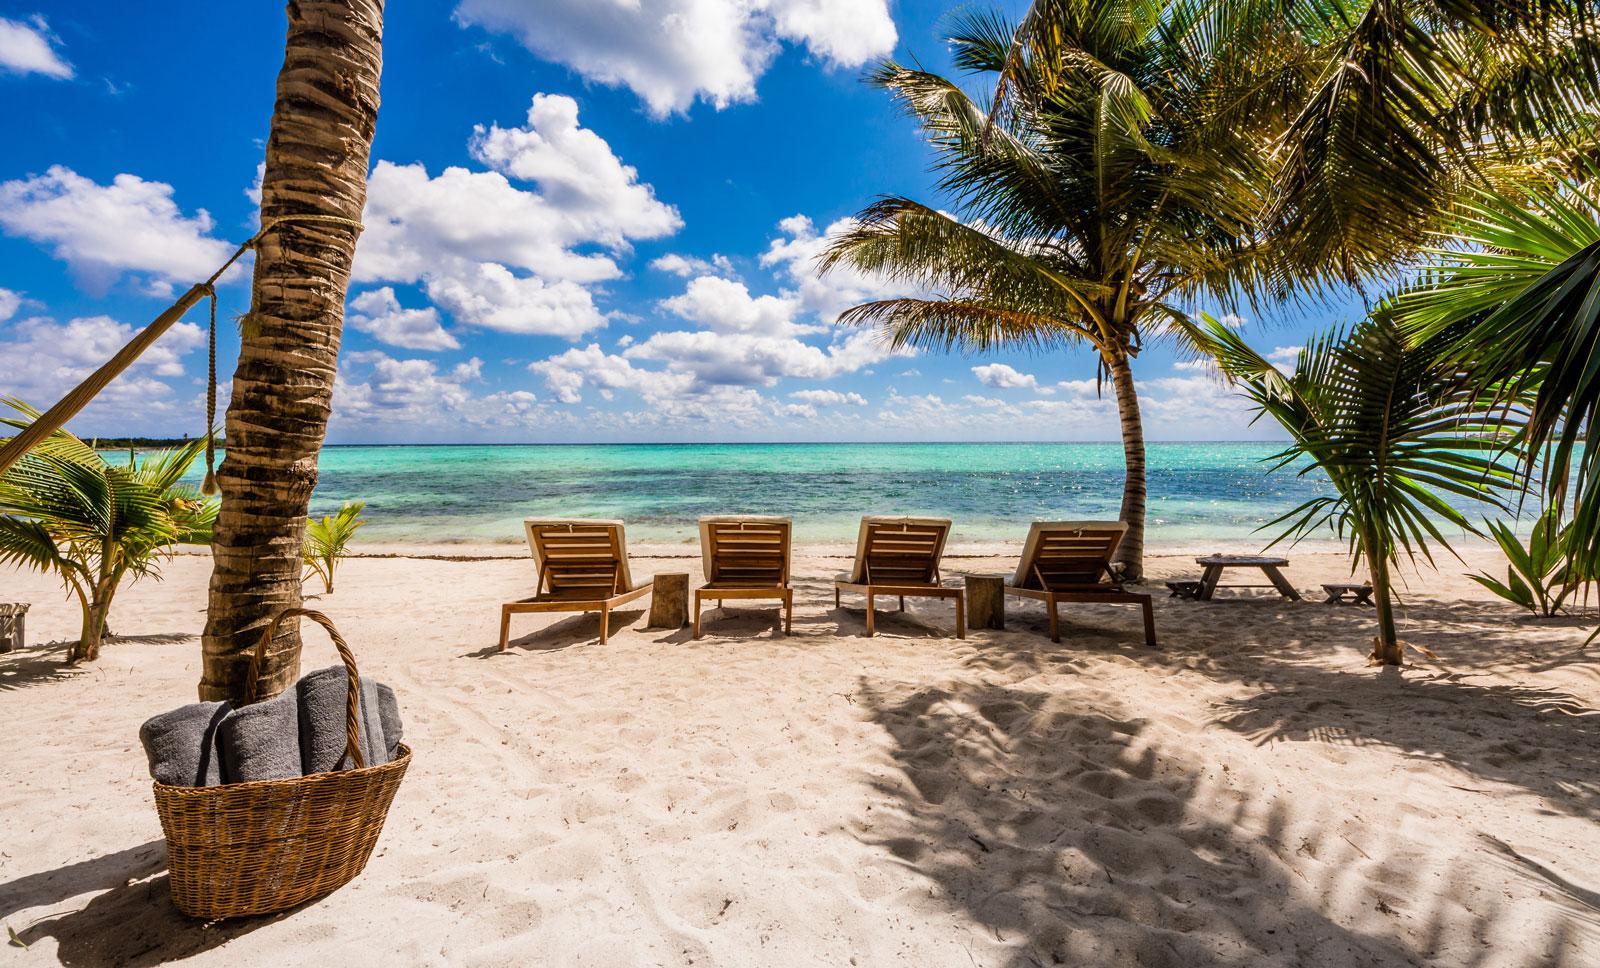 Maya_Luxe_Riviera_Maya_Luxury_Villas_Experiences_Soliman_Bay_Tulum_5_Bedrooms_Villa_La_Semilla_6.jpg